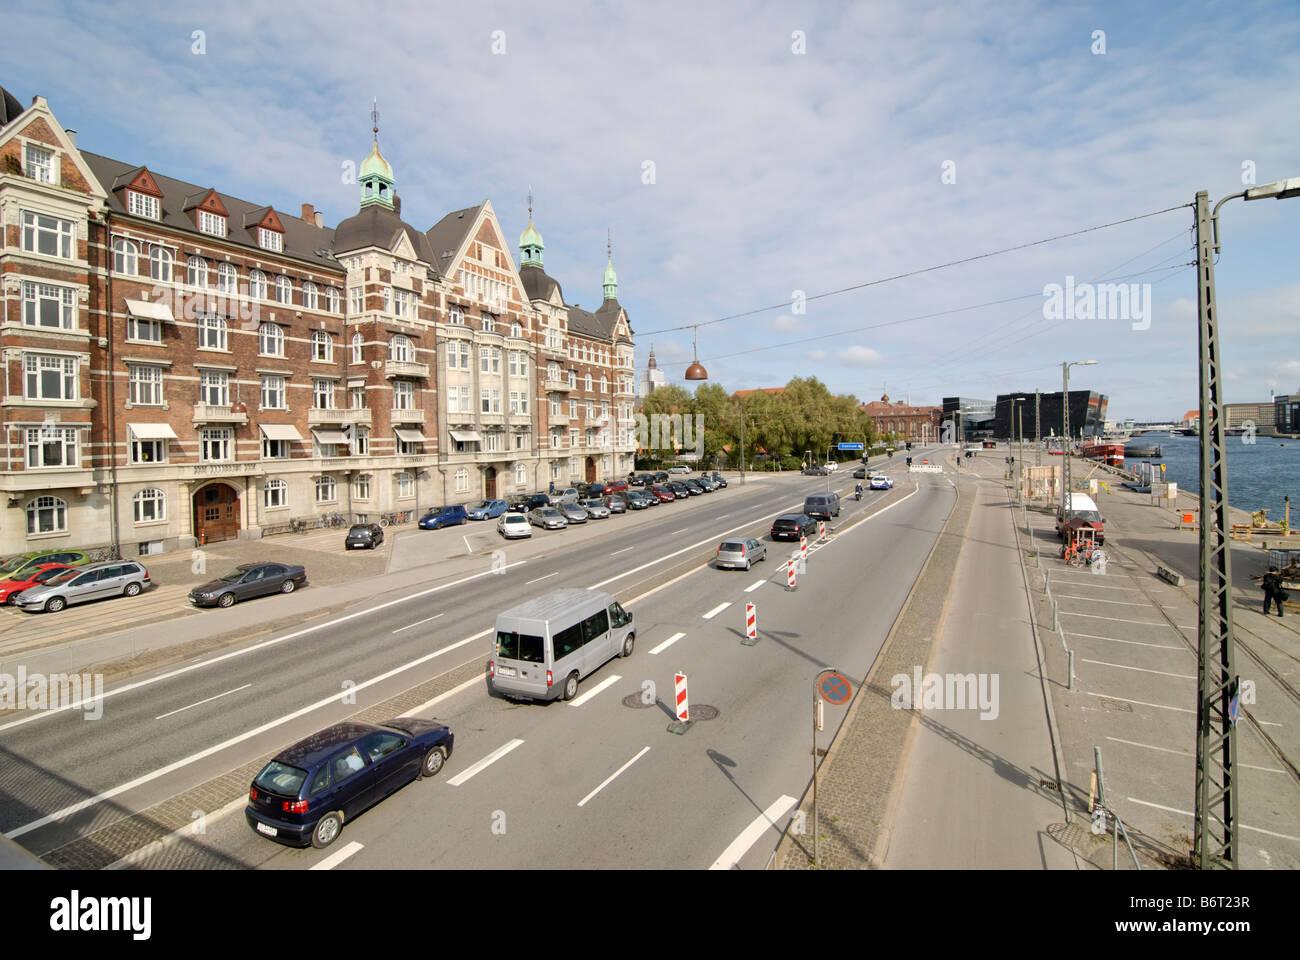 View on the Christians Brygge Copenhagen Denmark - Stock Image